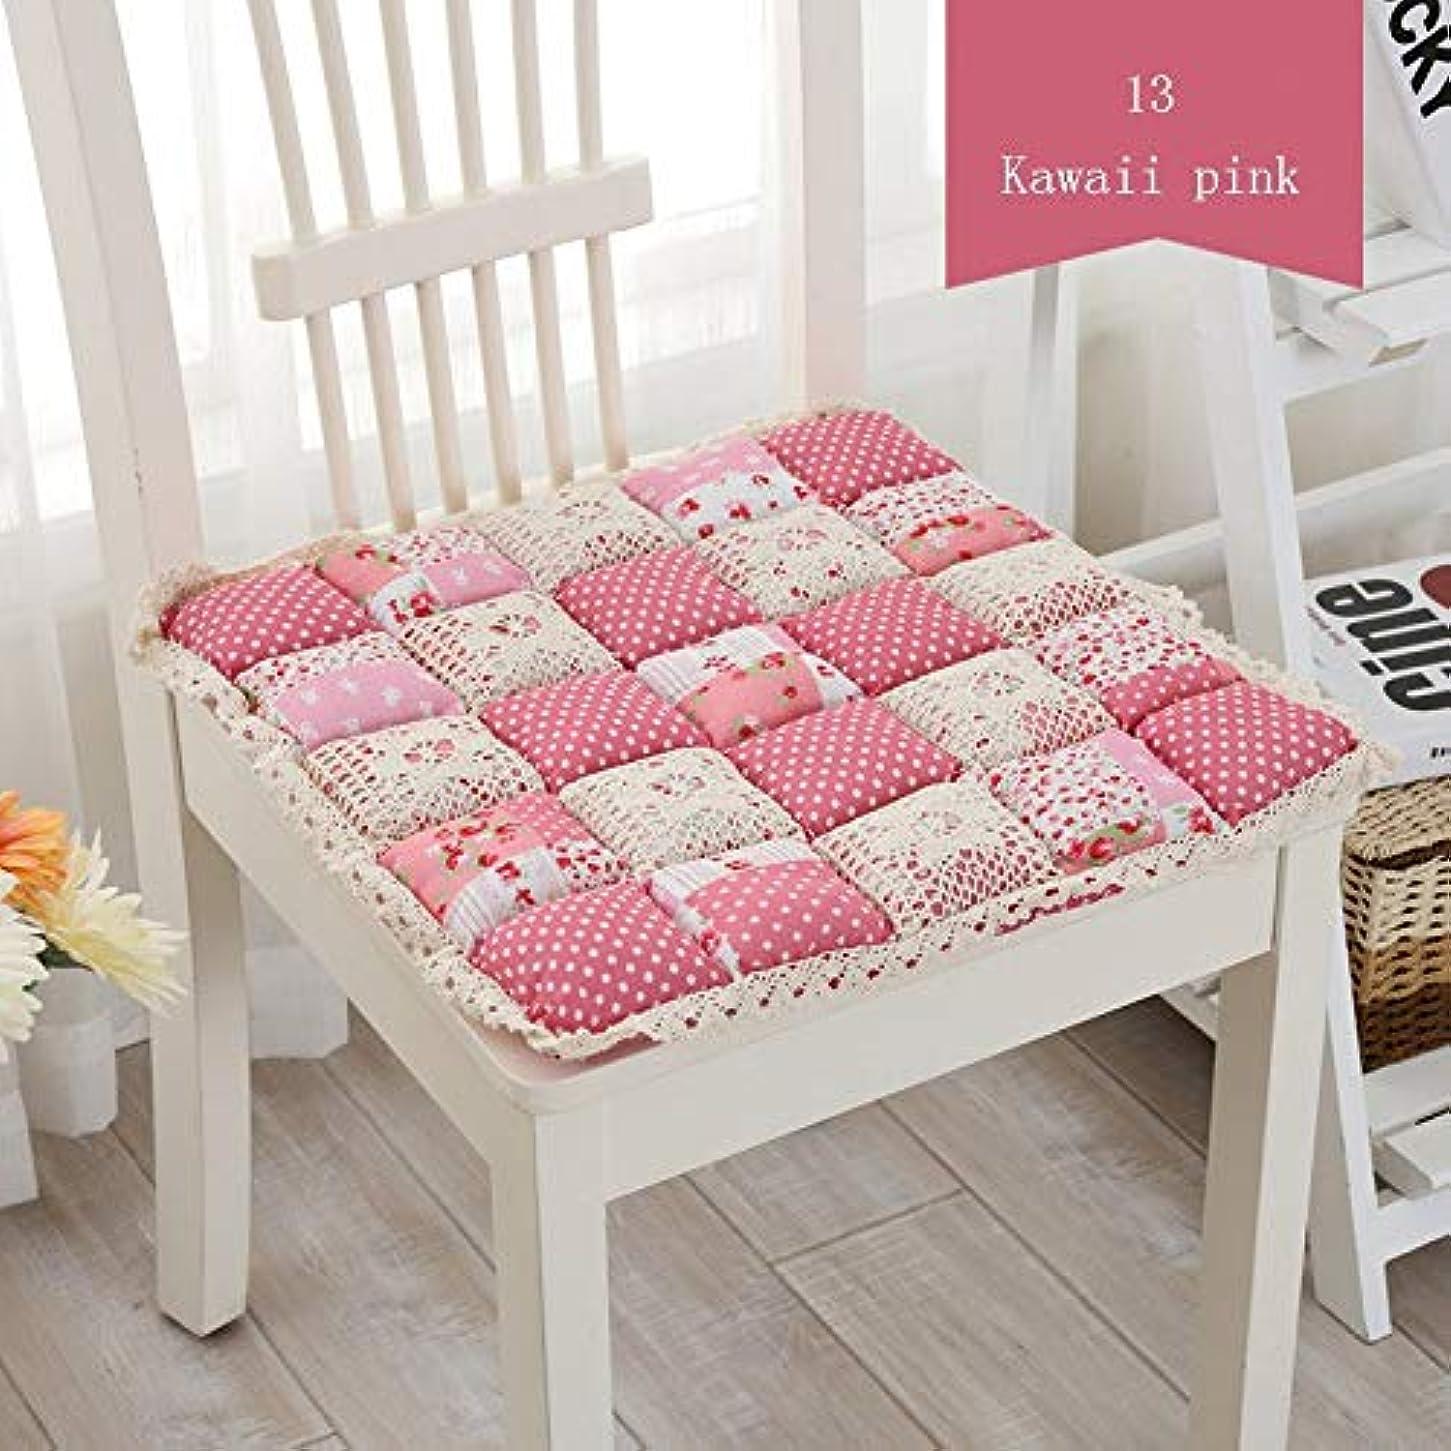 悲しいことに何ワインLIFE 1 個抗褥瘡綿椅子クッション 24 色ファッションオフィス正方形クッション学生チェアクッション家の装飾厚み クッション 椅子